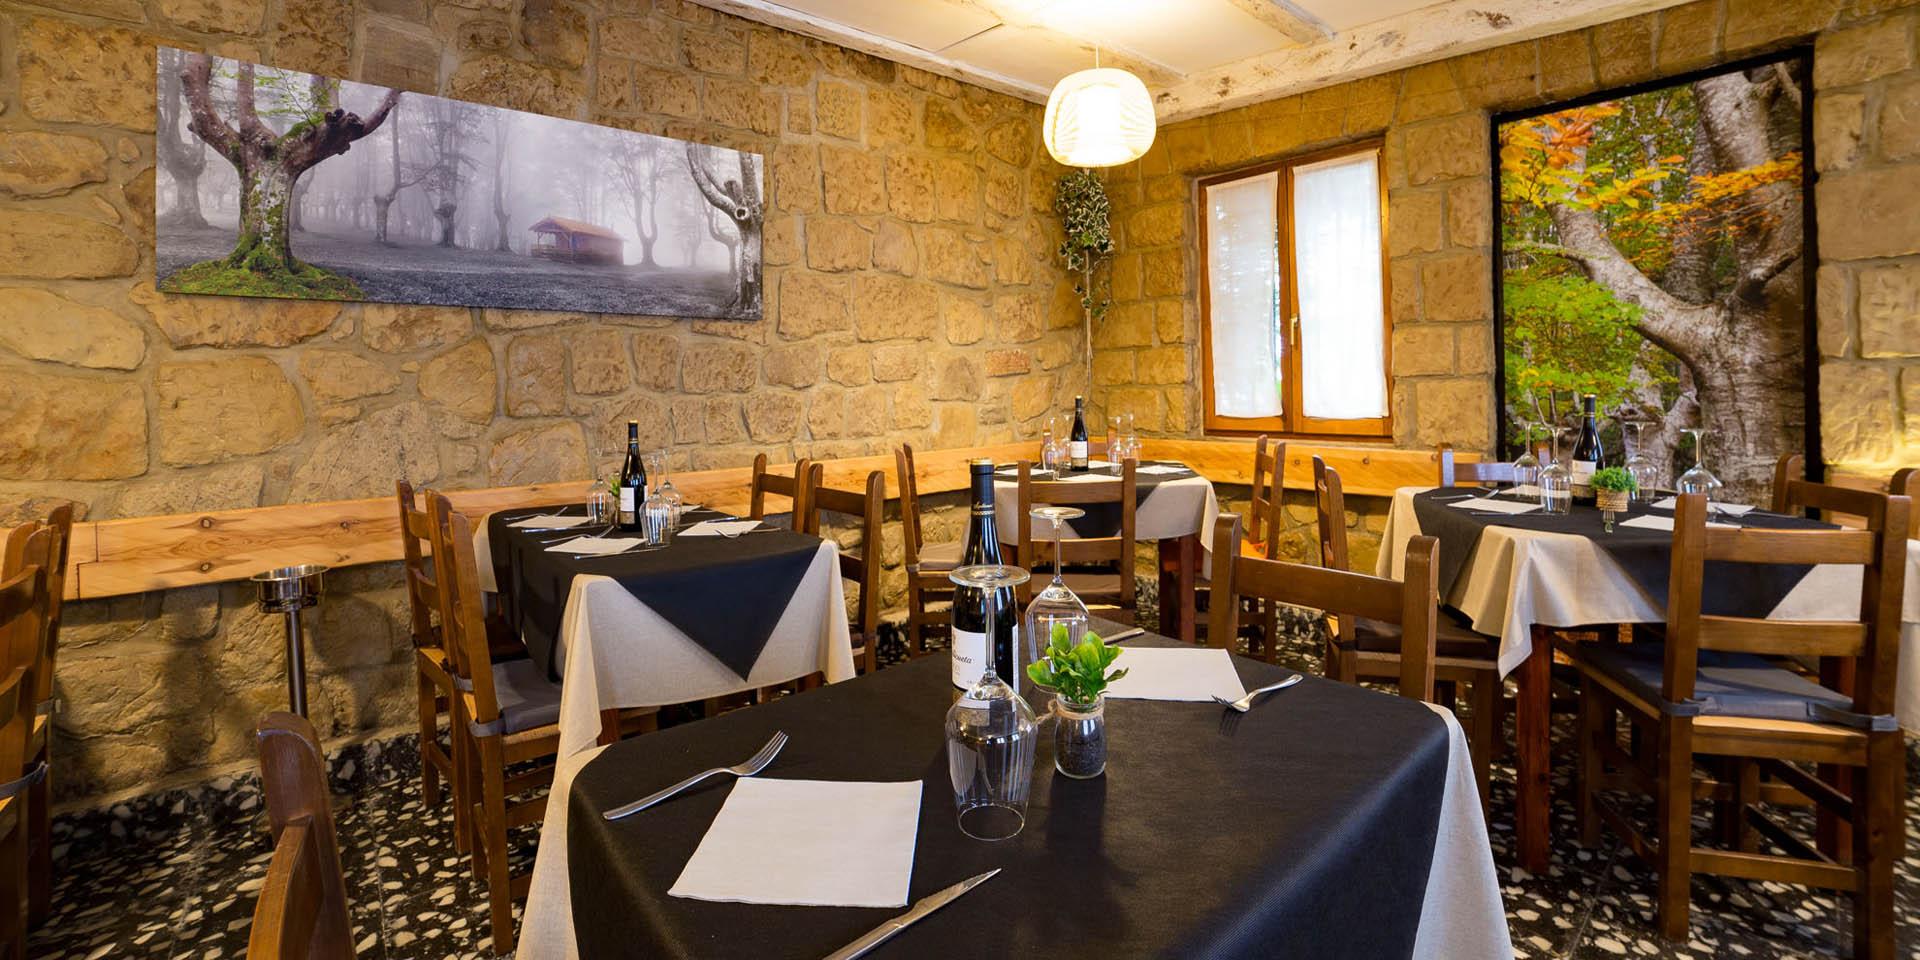 180713 Restaurante Etxe-Nagusi Igeldo02